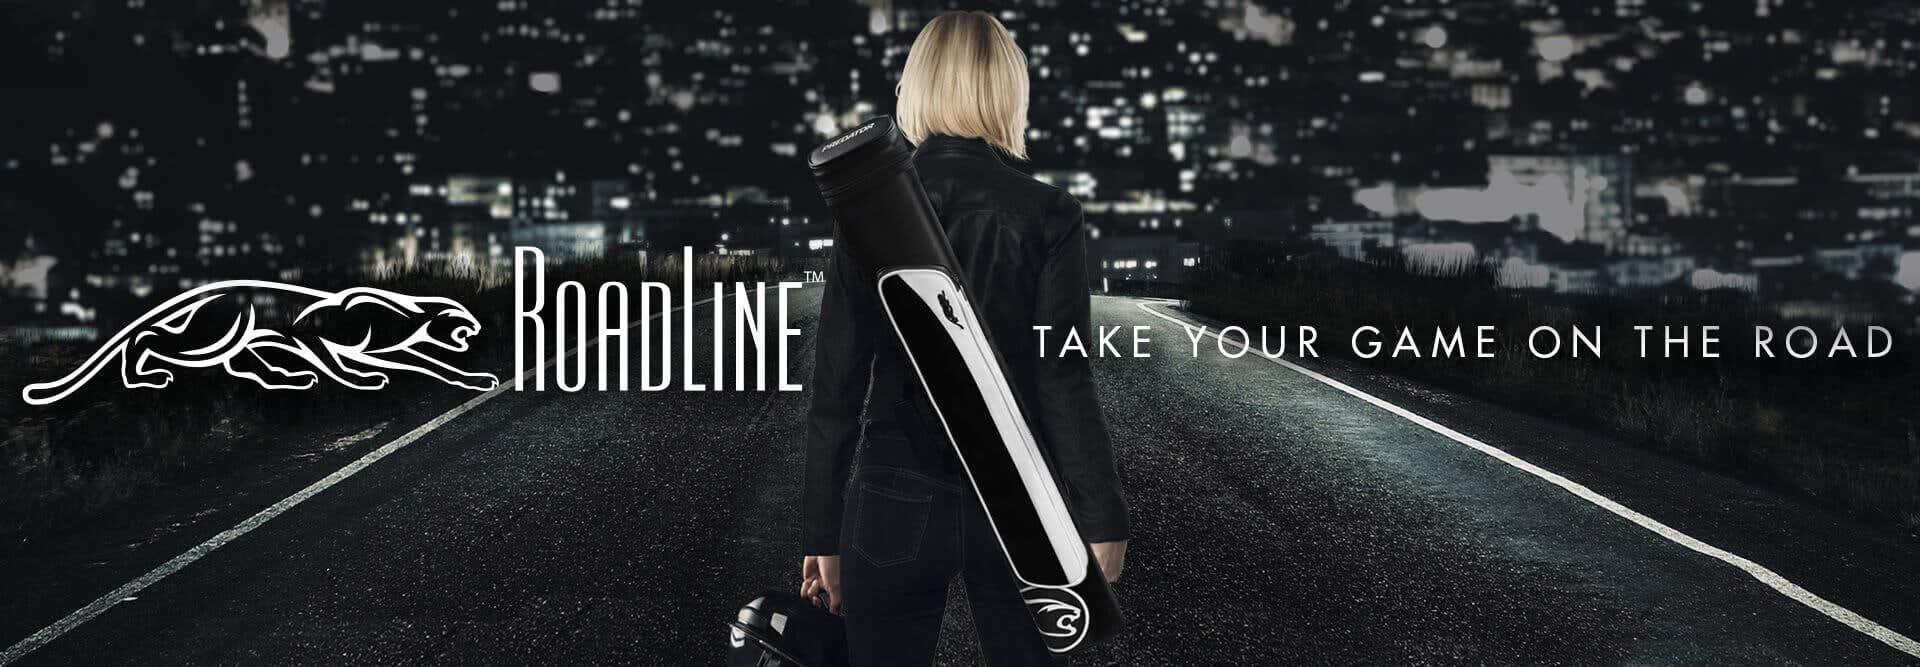 Black & White Roadline Cases